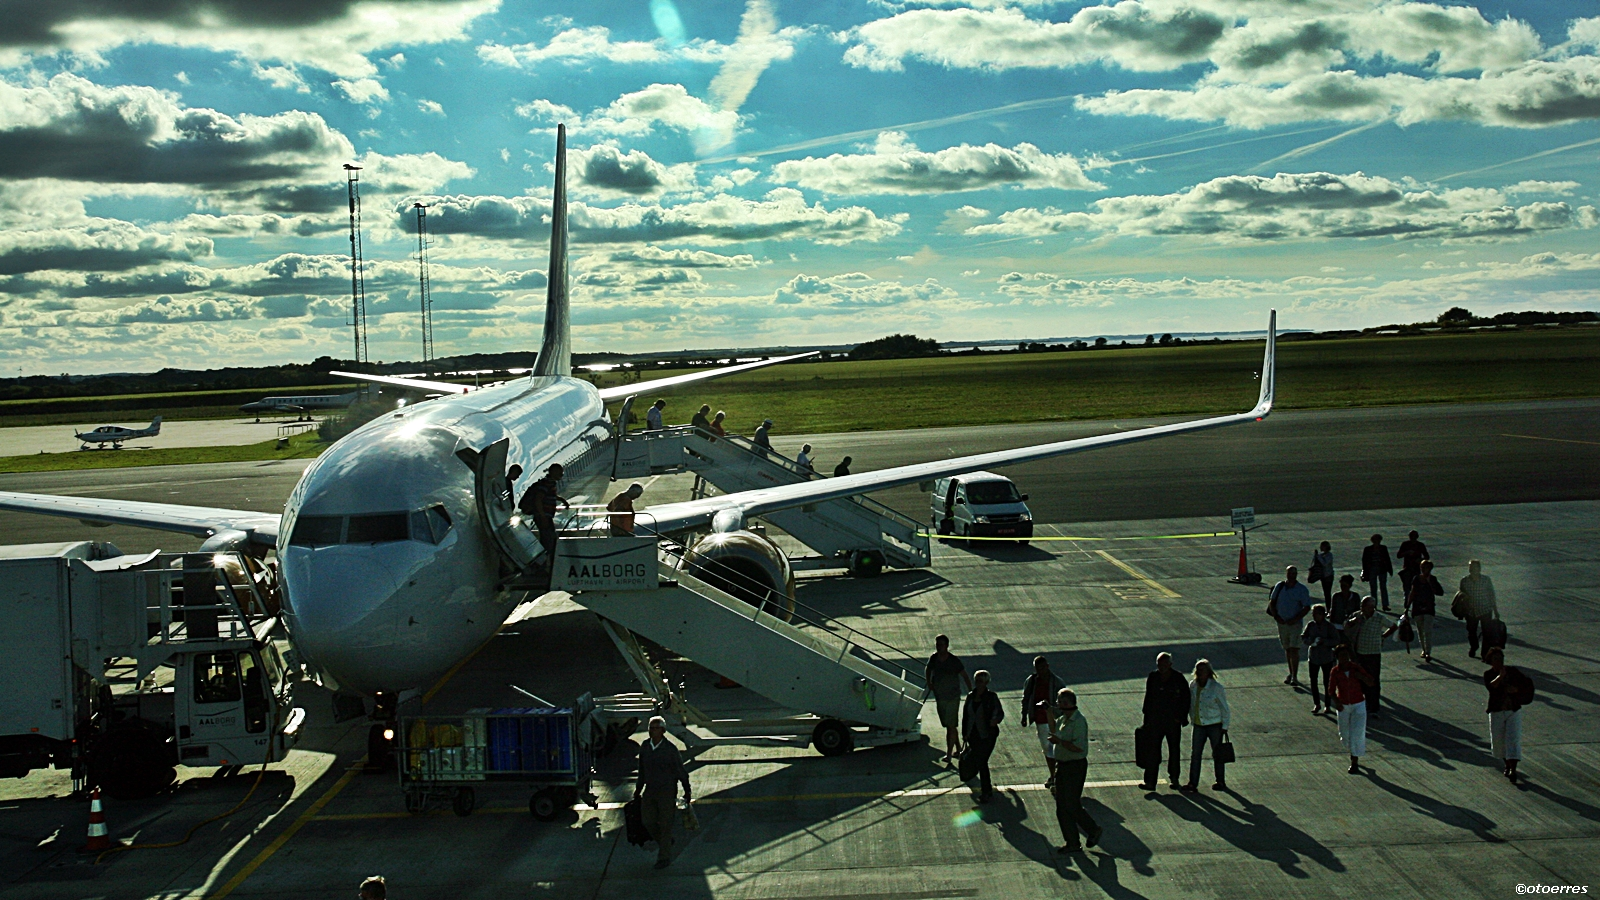 Aalborg lufthavn - Danmark - Jet Time - Boeing 737